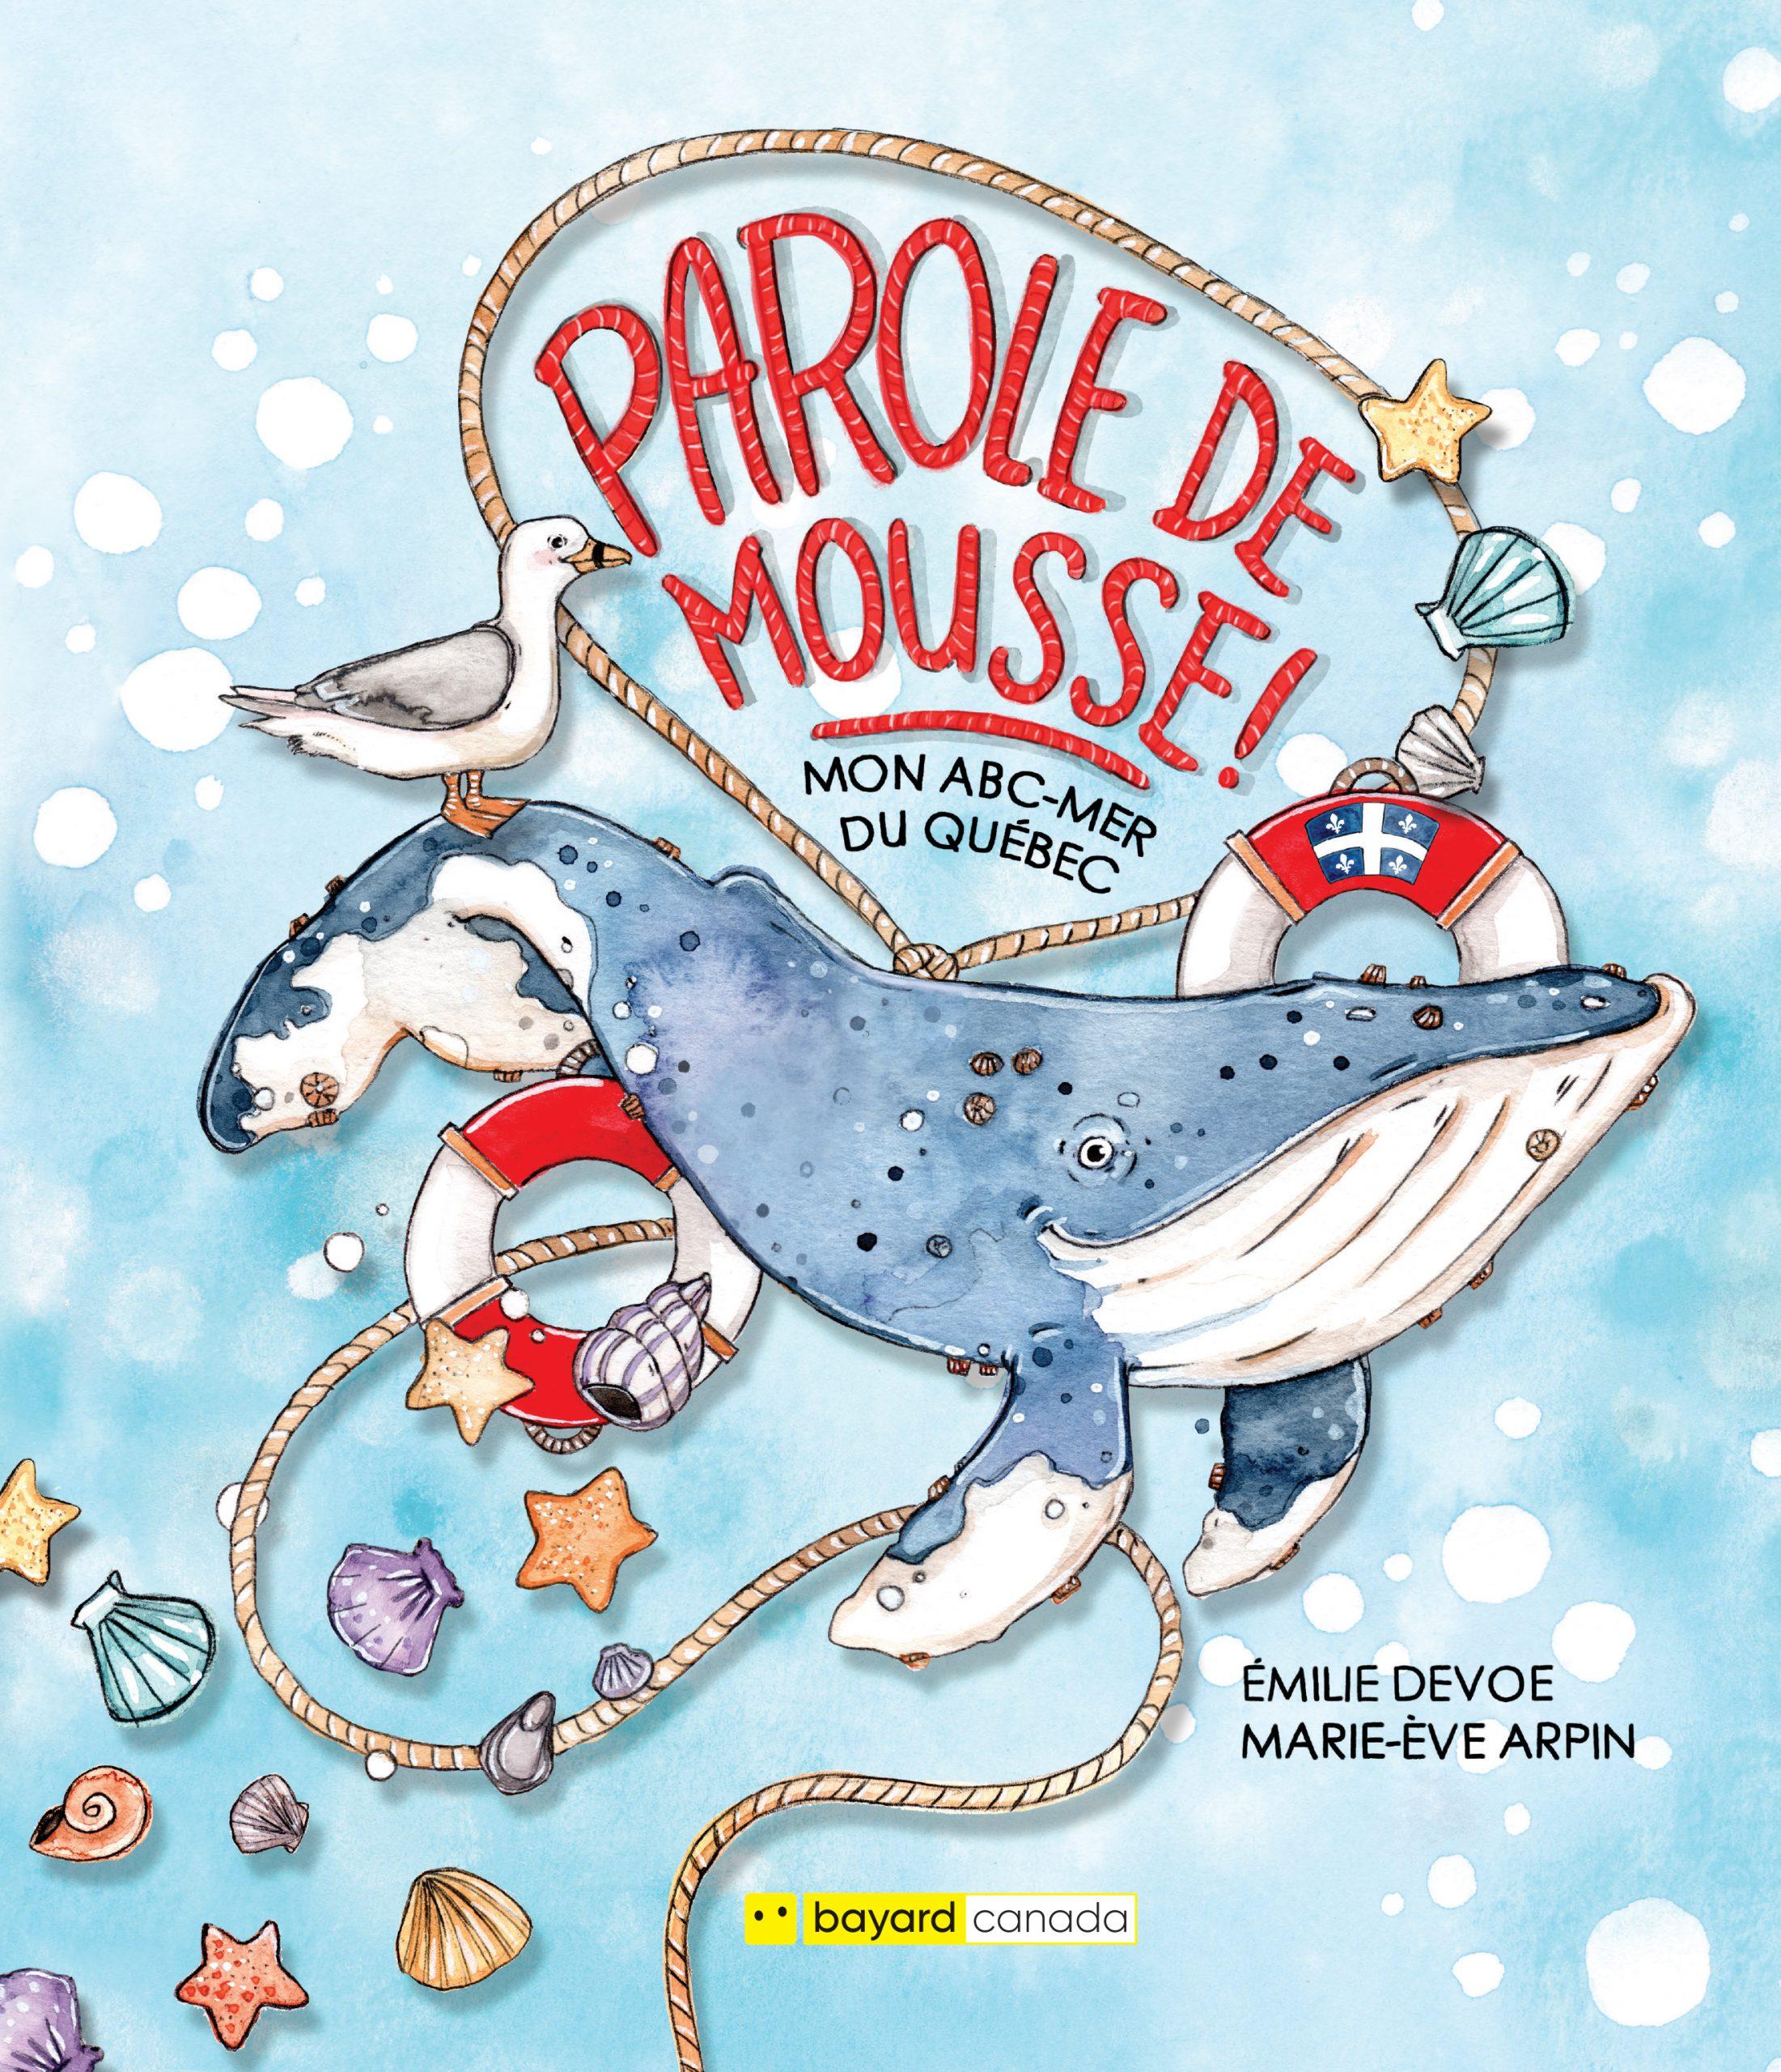 Parole de mousse! : Mon ABC-Mer du Québec